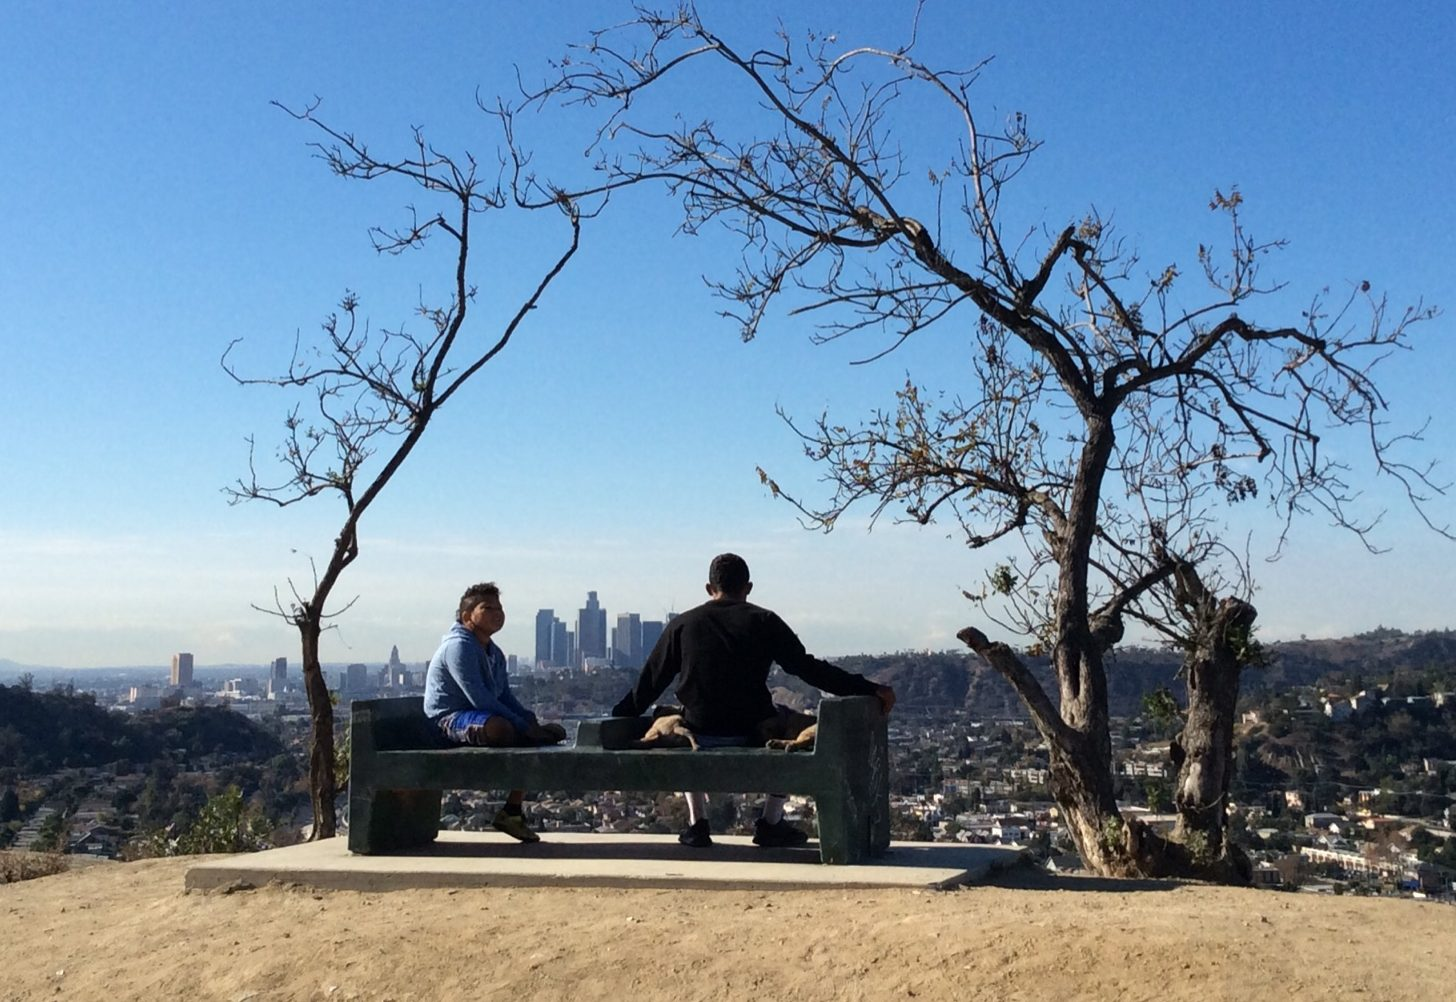 一對伴侶坐在洛磯市小山丘上眺望市區。(本報資料照片)